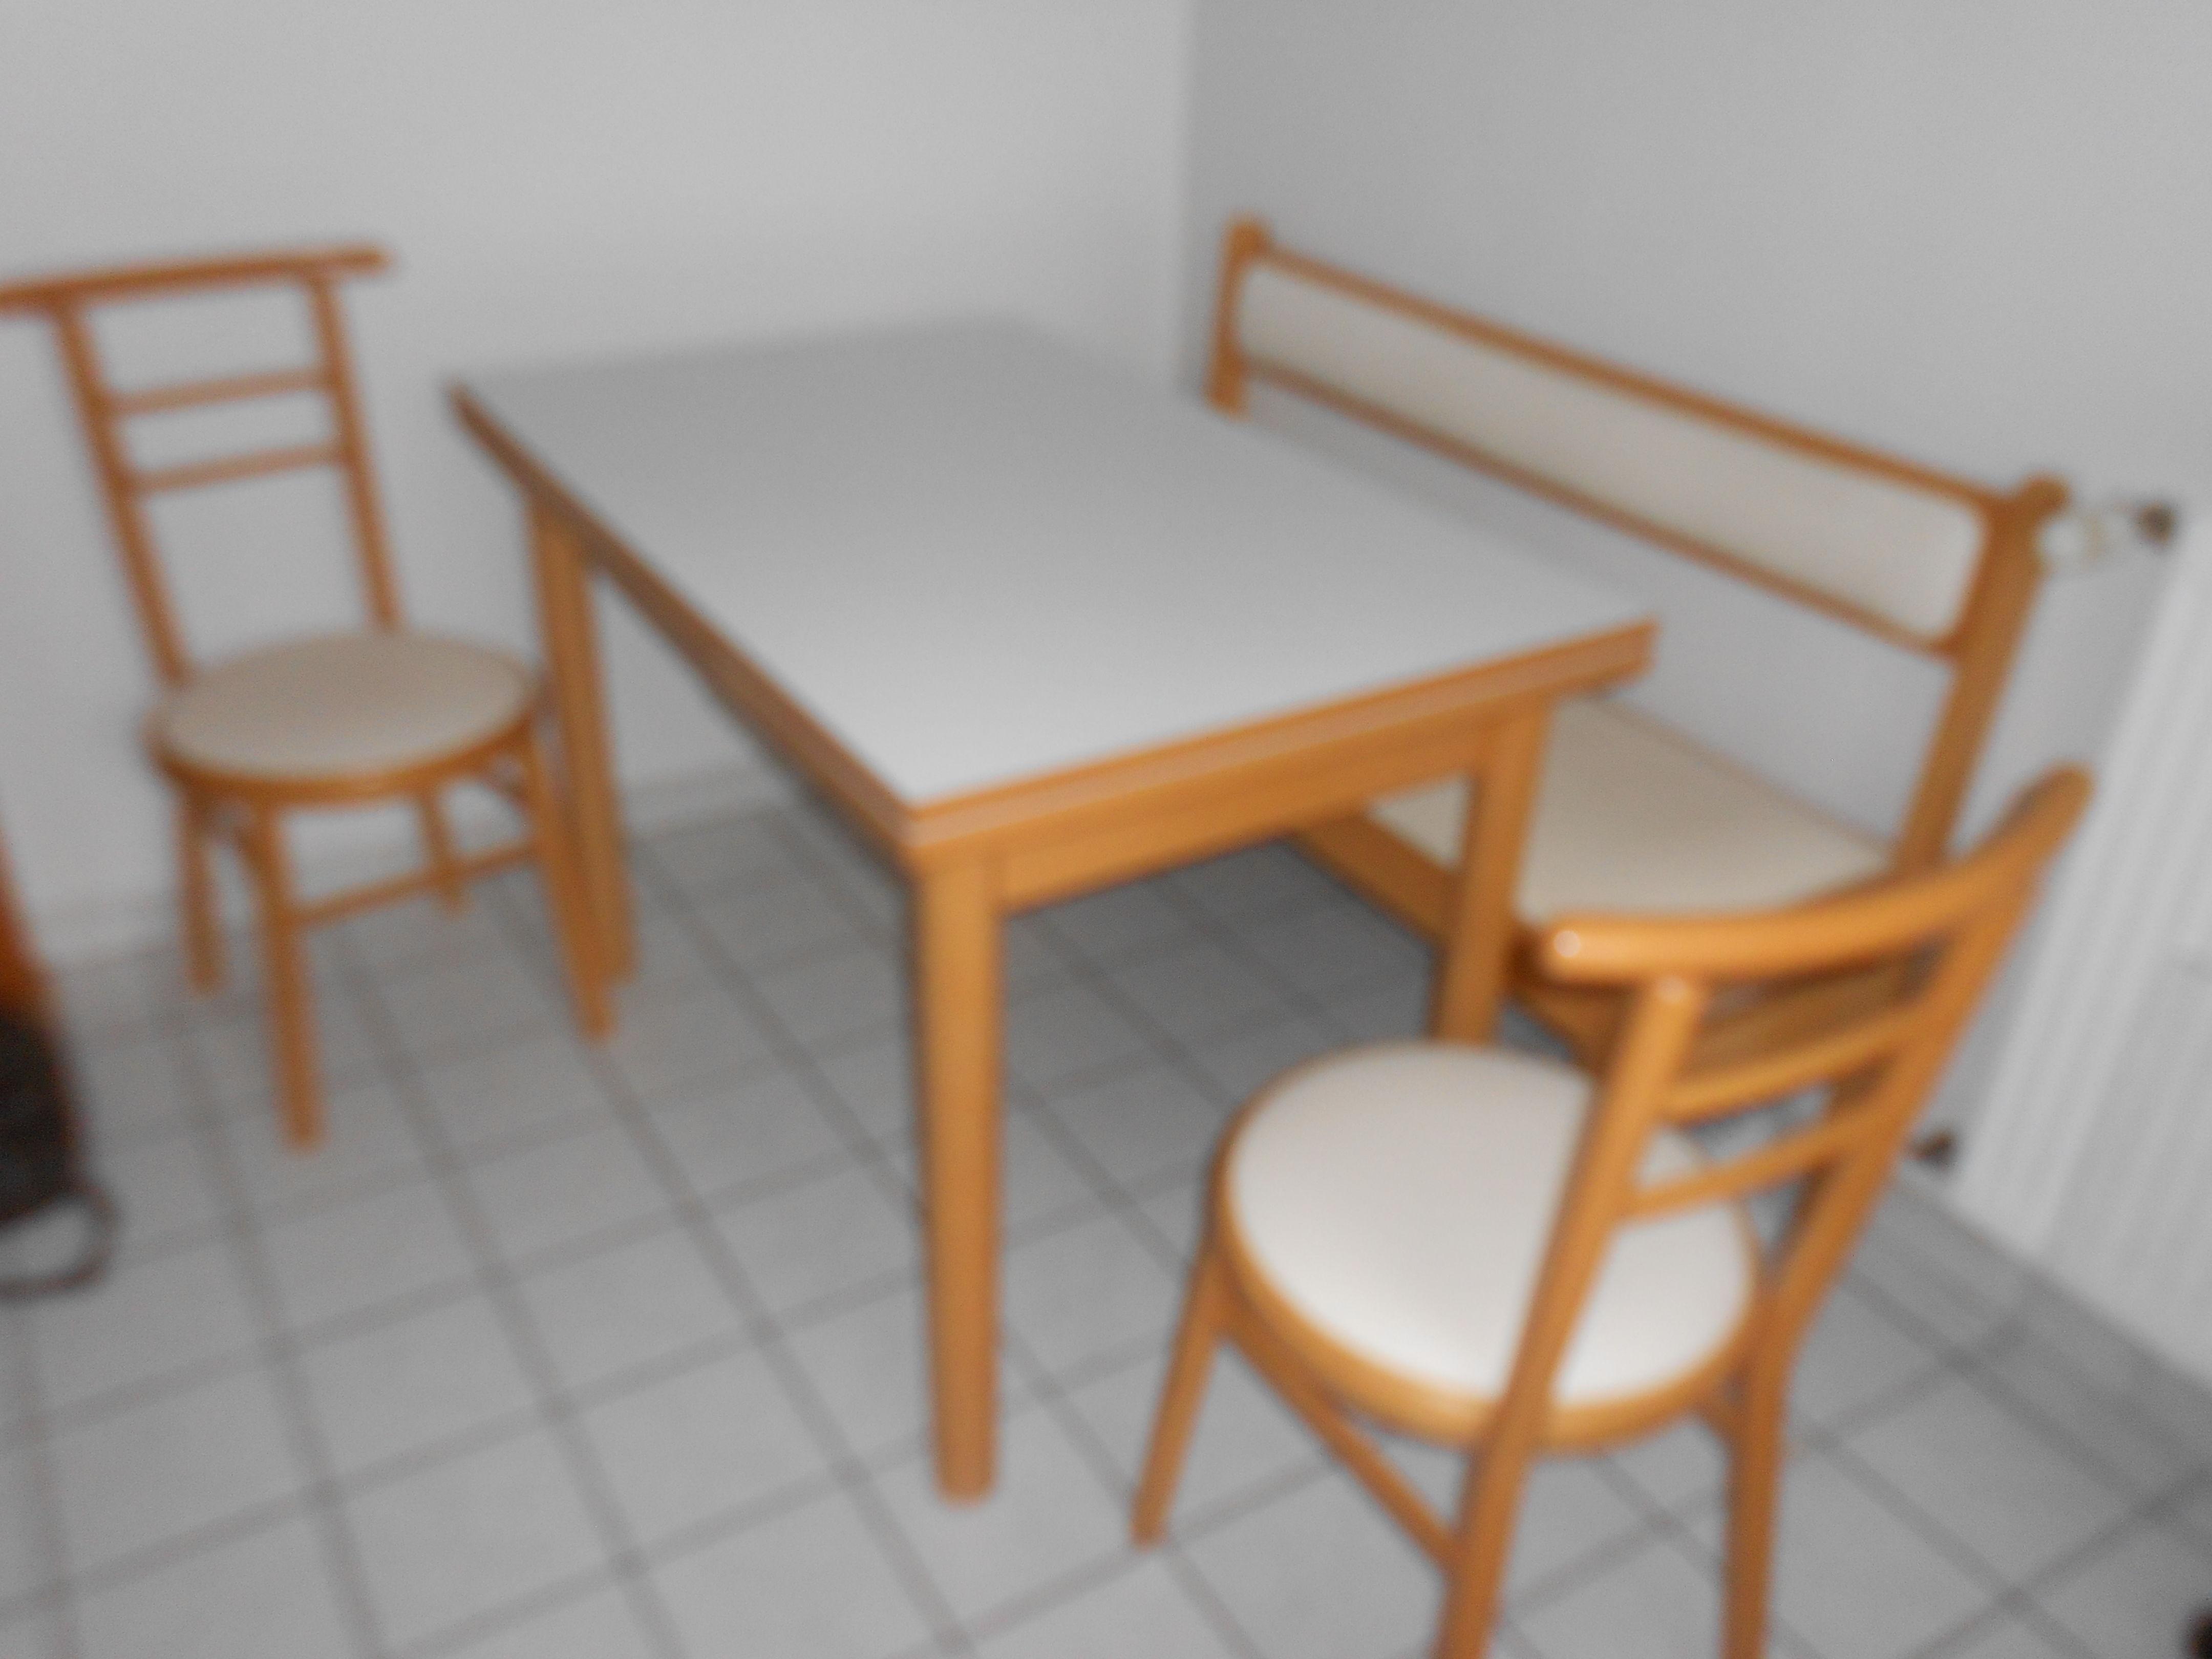 Achetez table chaises et occasion annonce vente thouar sur loire 44 wb1 - Table et chaise occasion ...